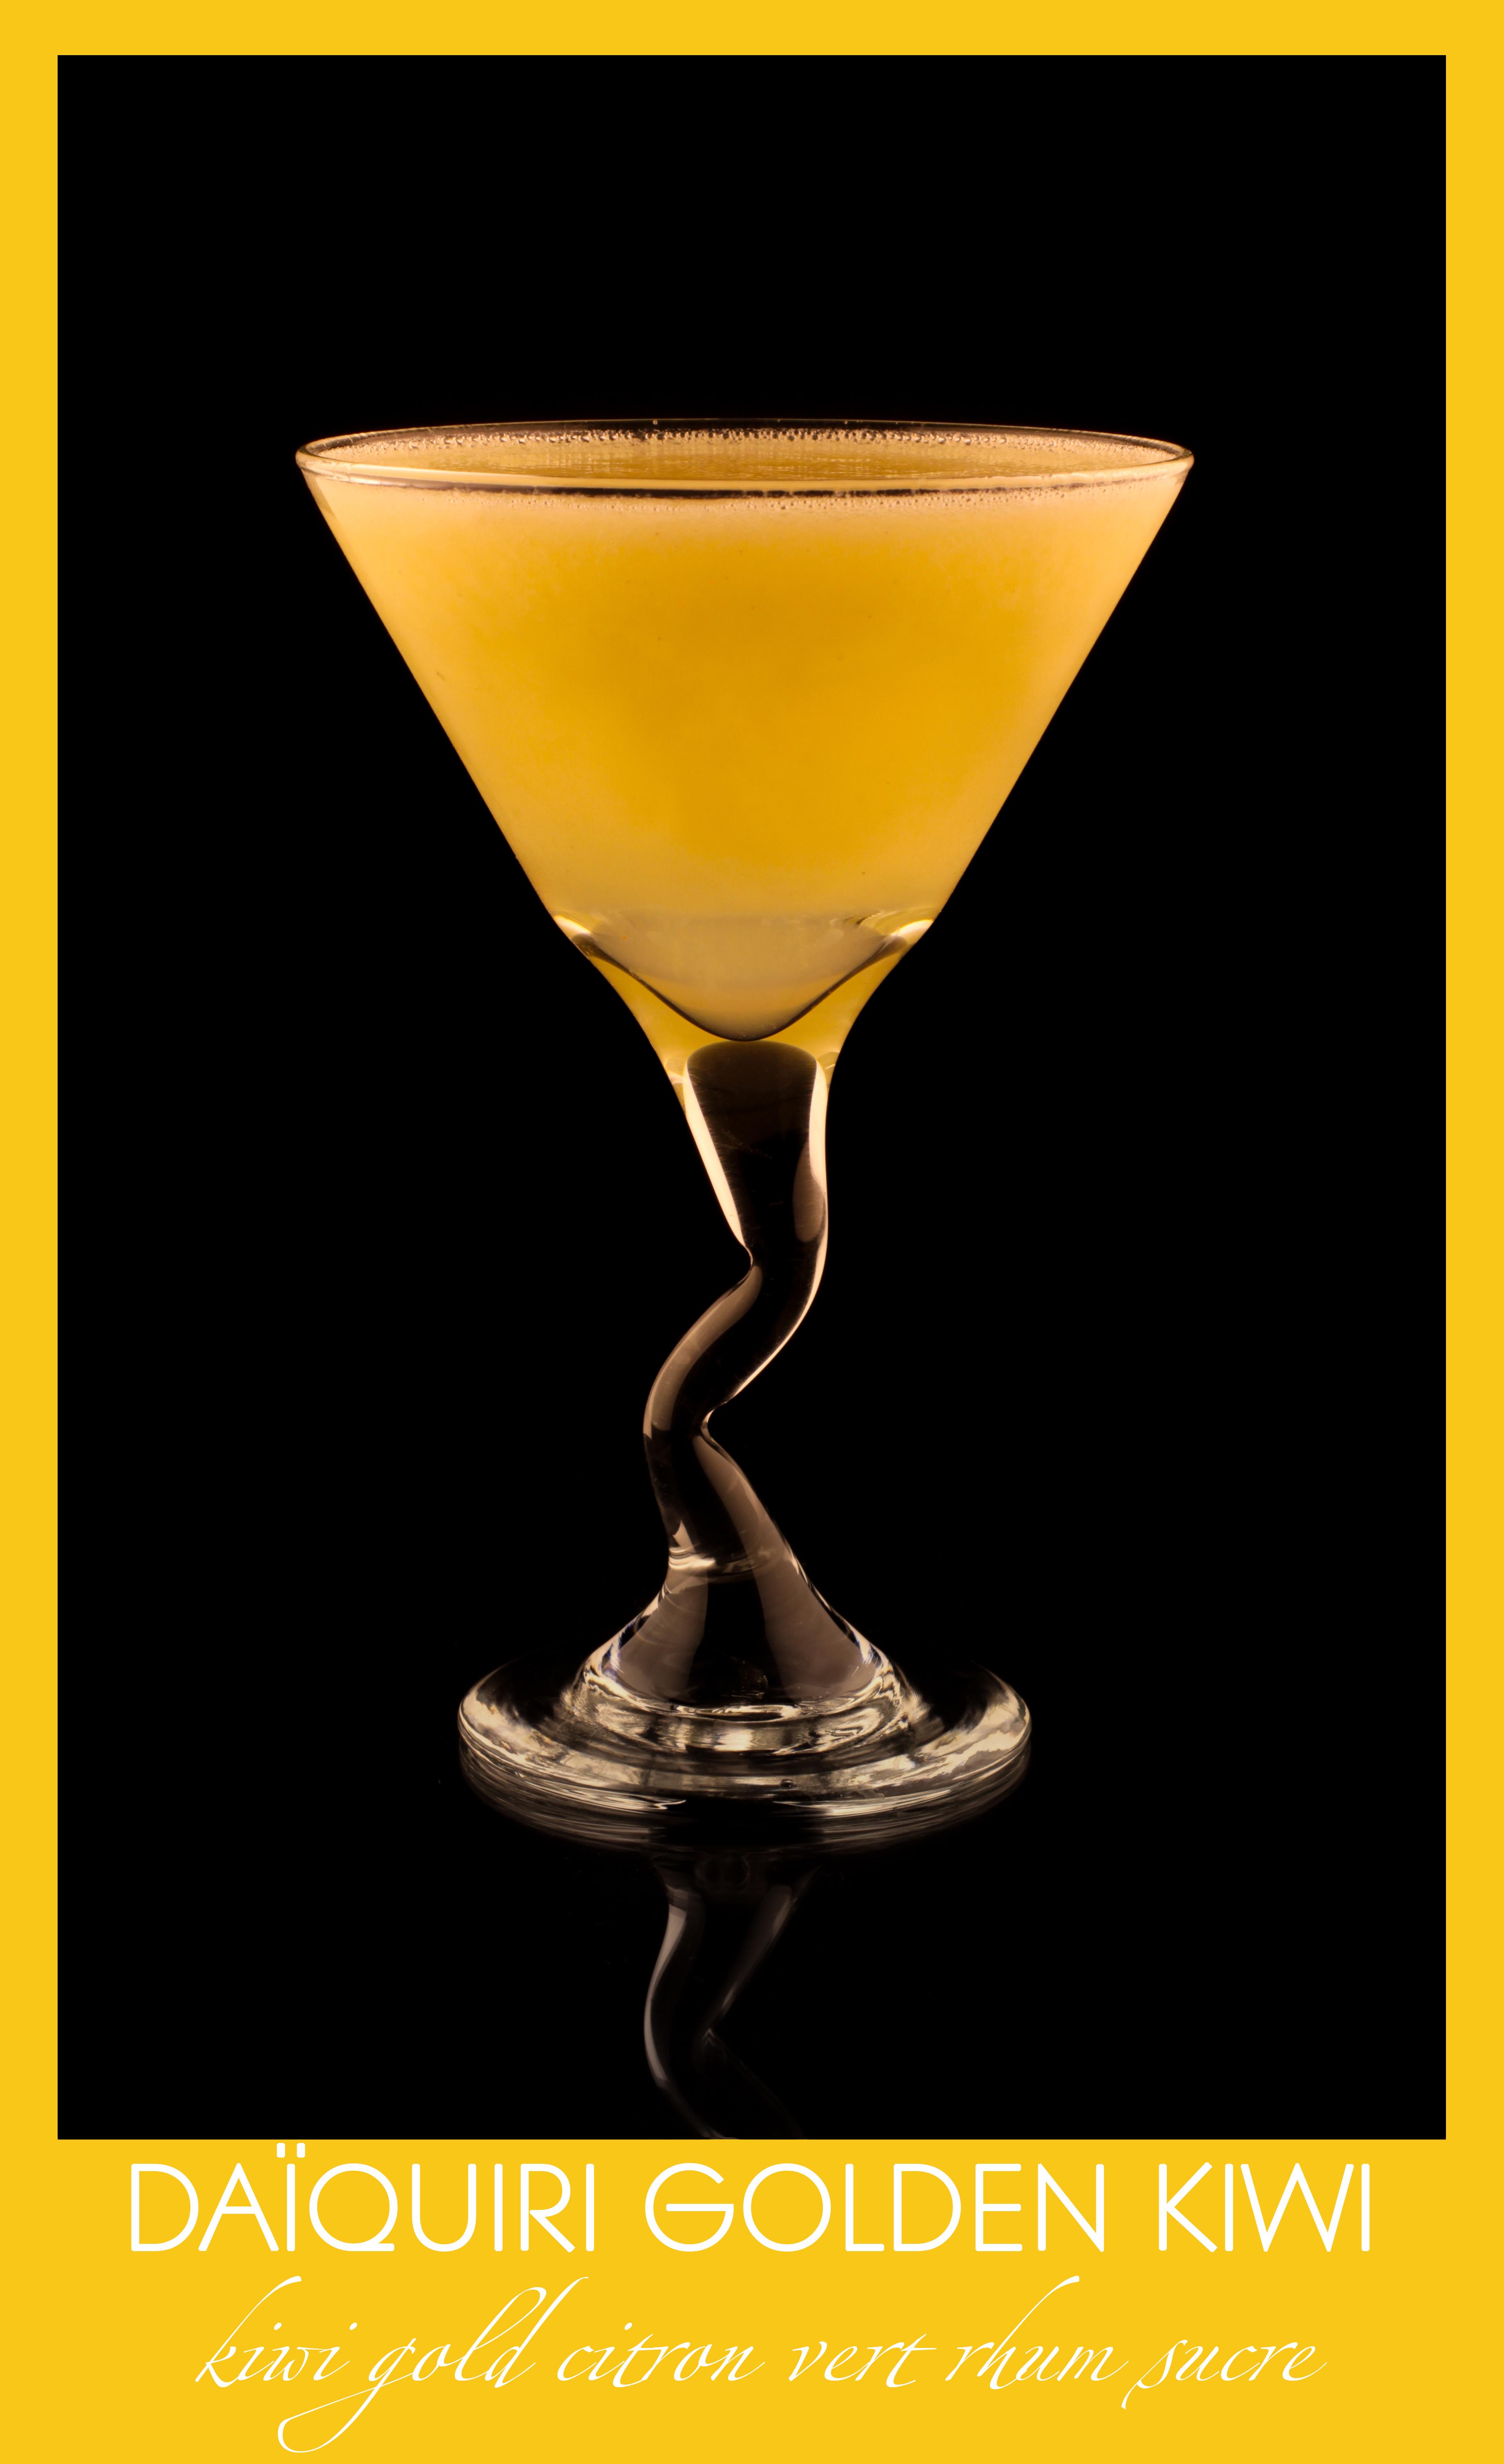 Daiquiri Golden Kiwi.jpg